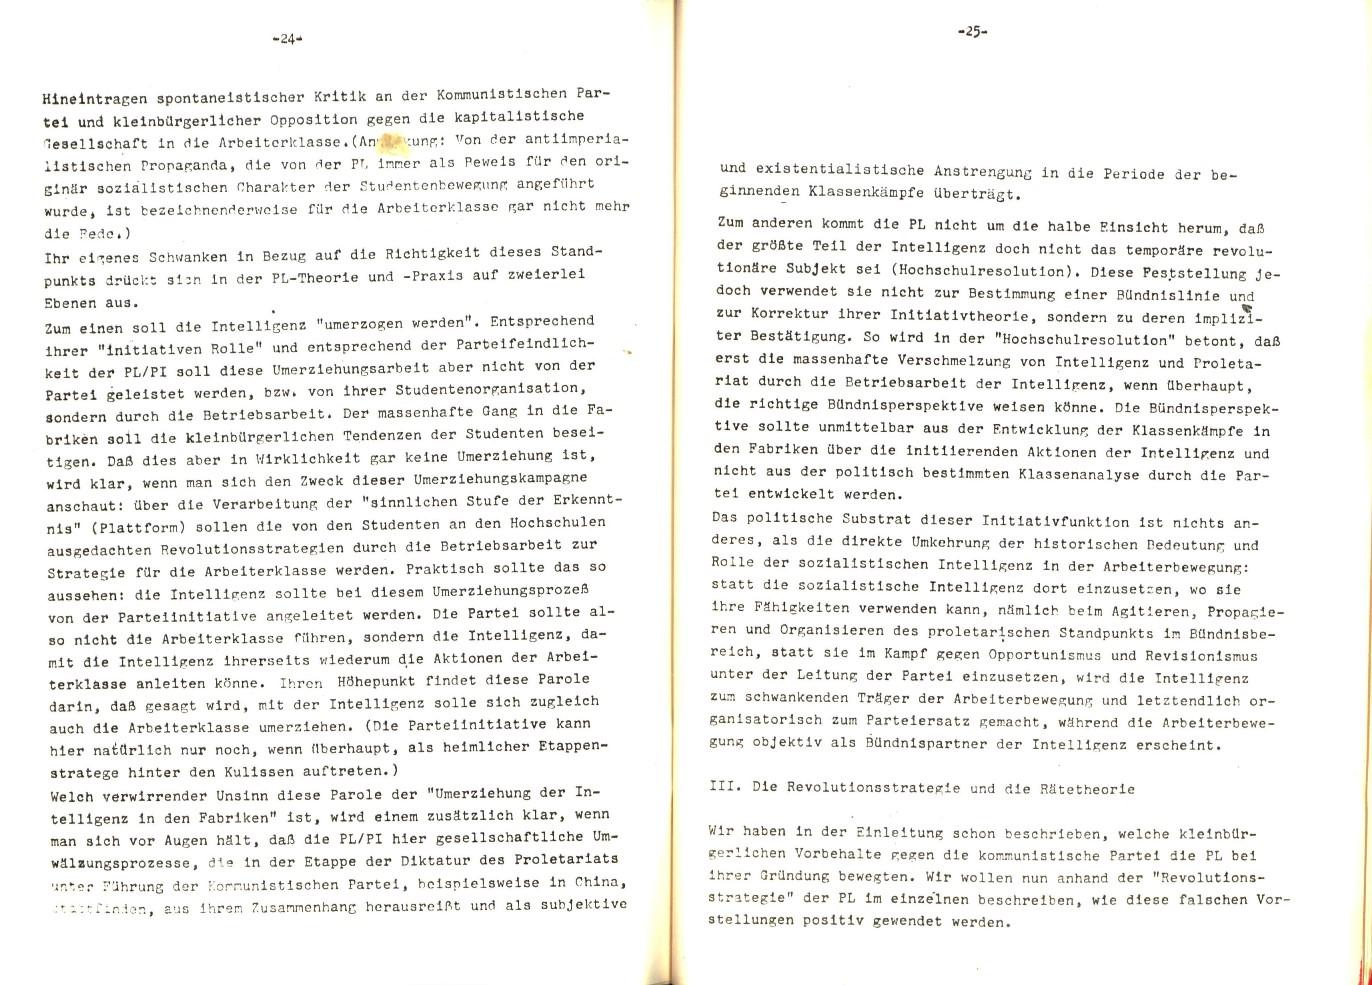 PLPI_1971_Aufloesung_15